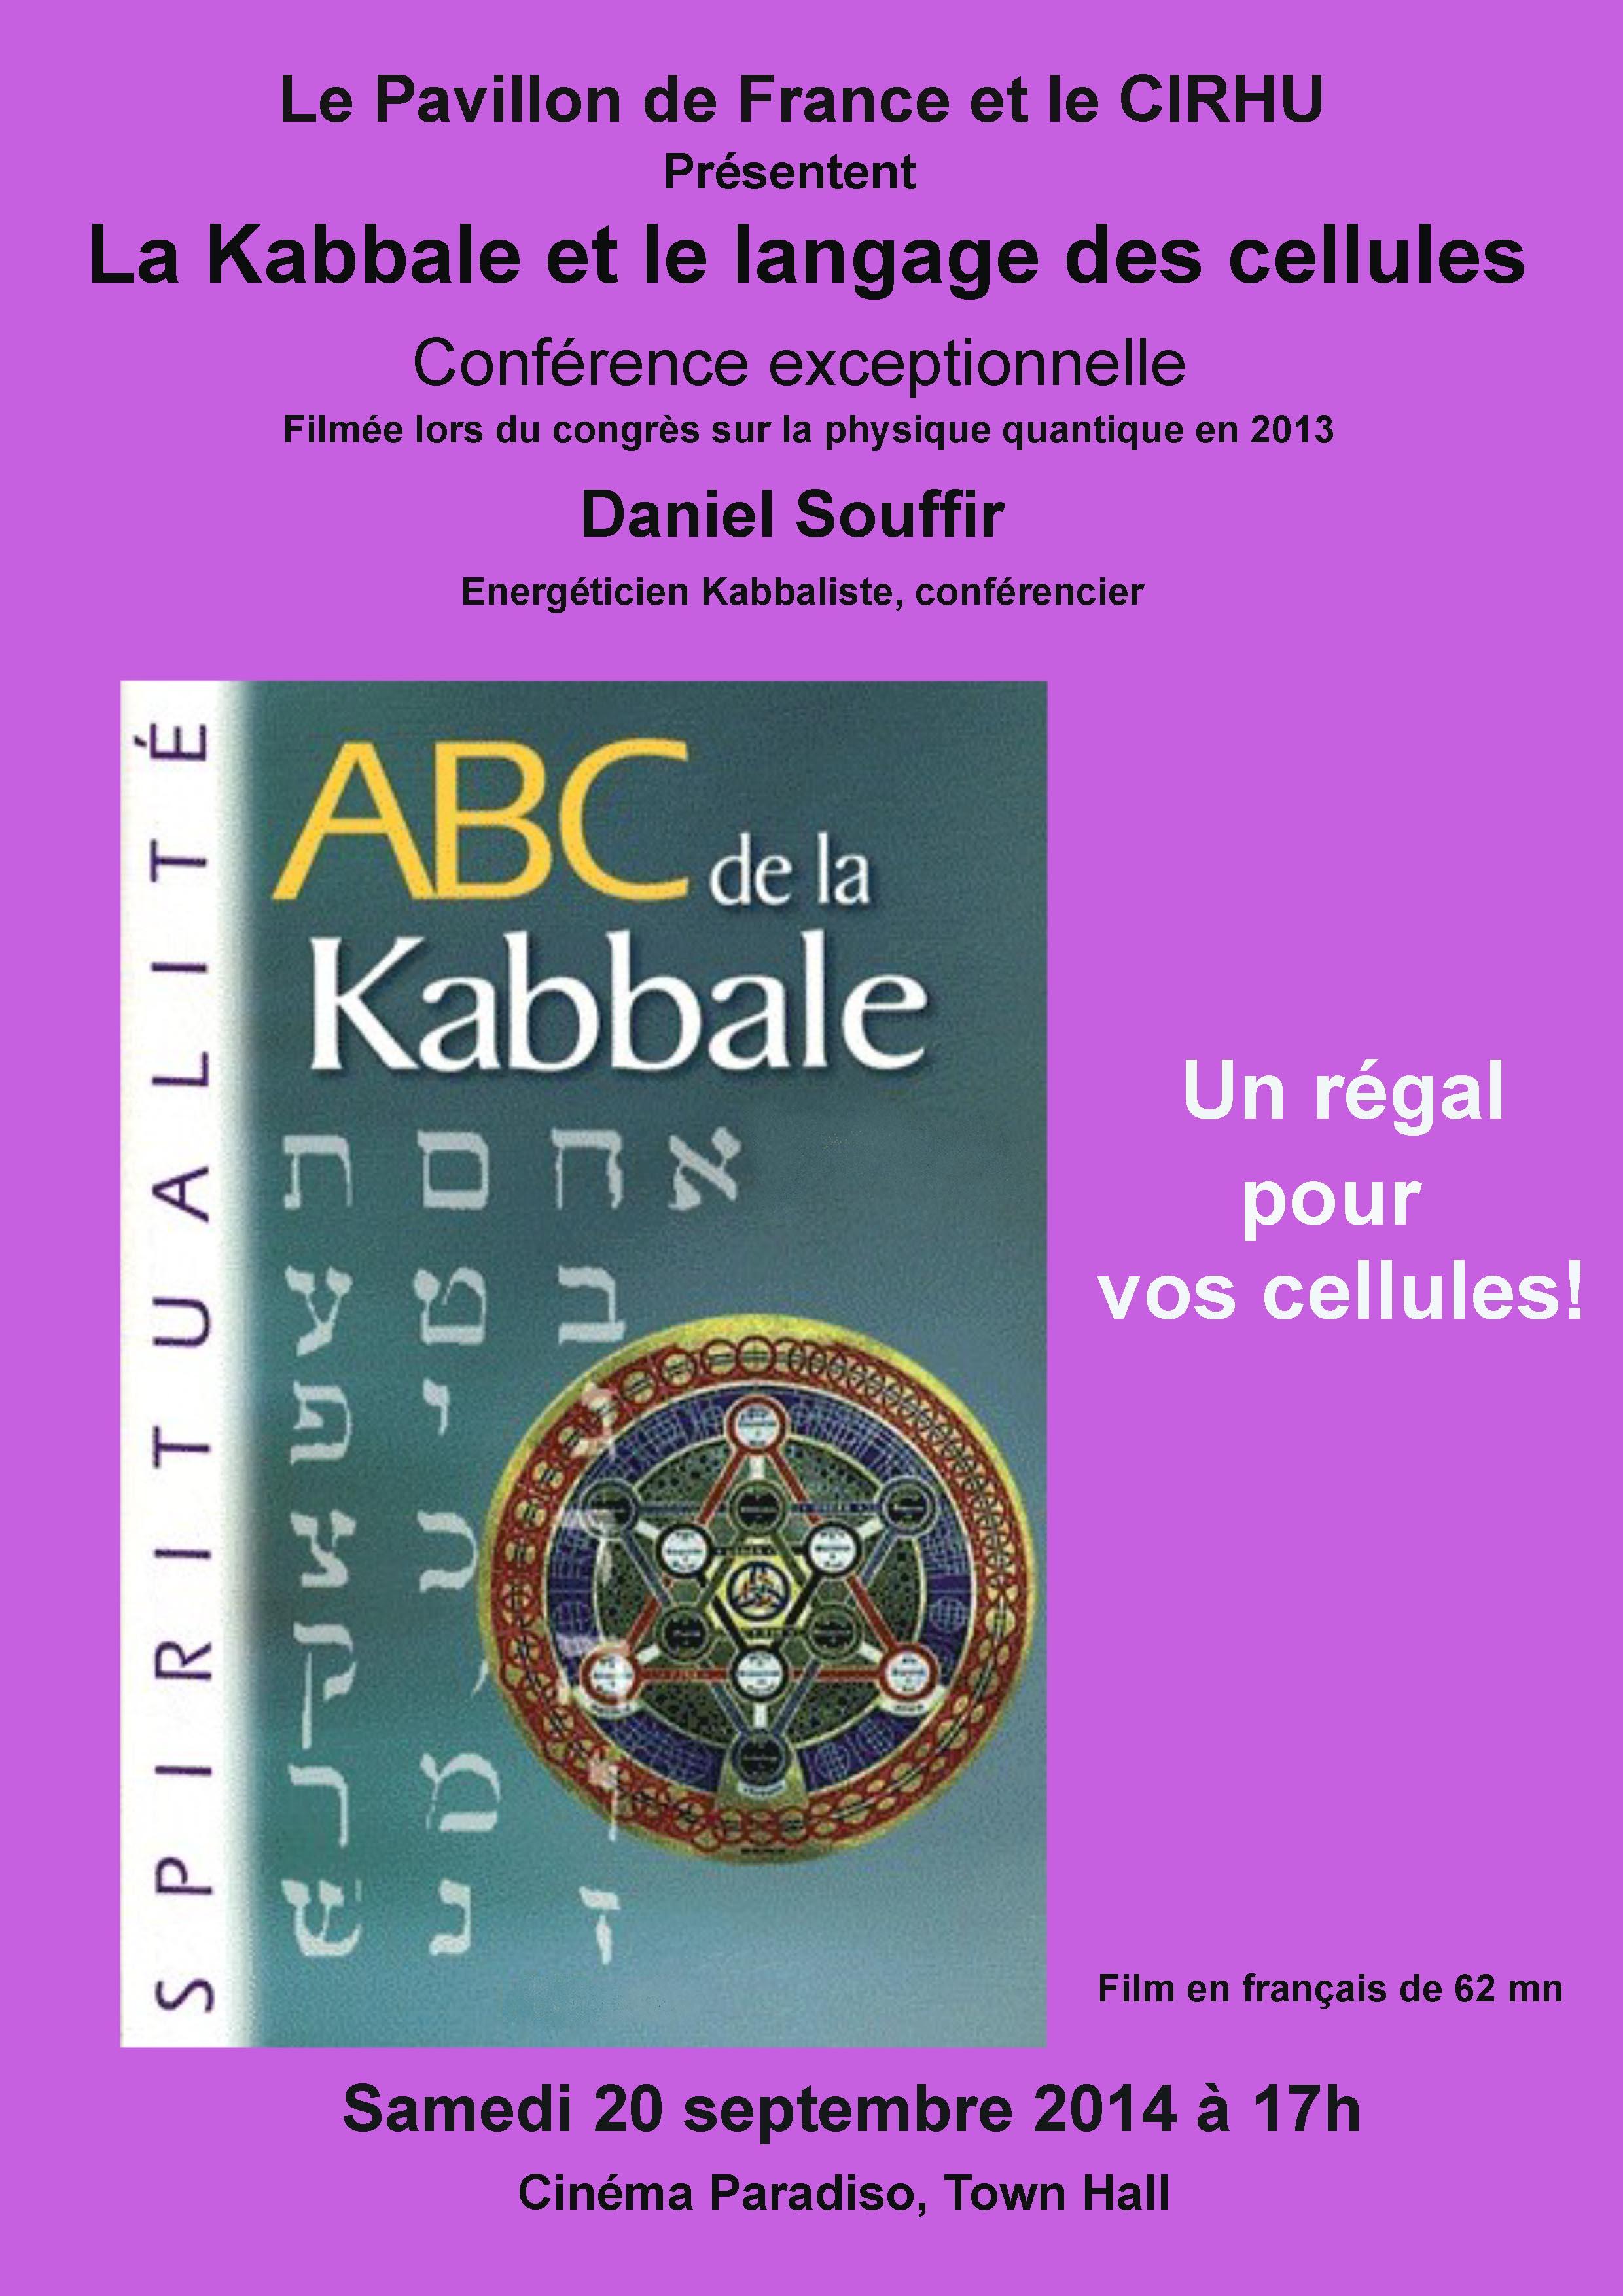 La Kabbale et le langage des cellules